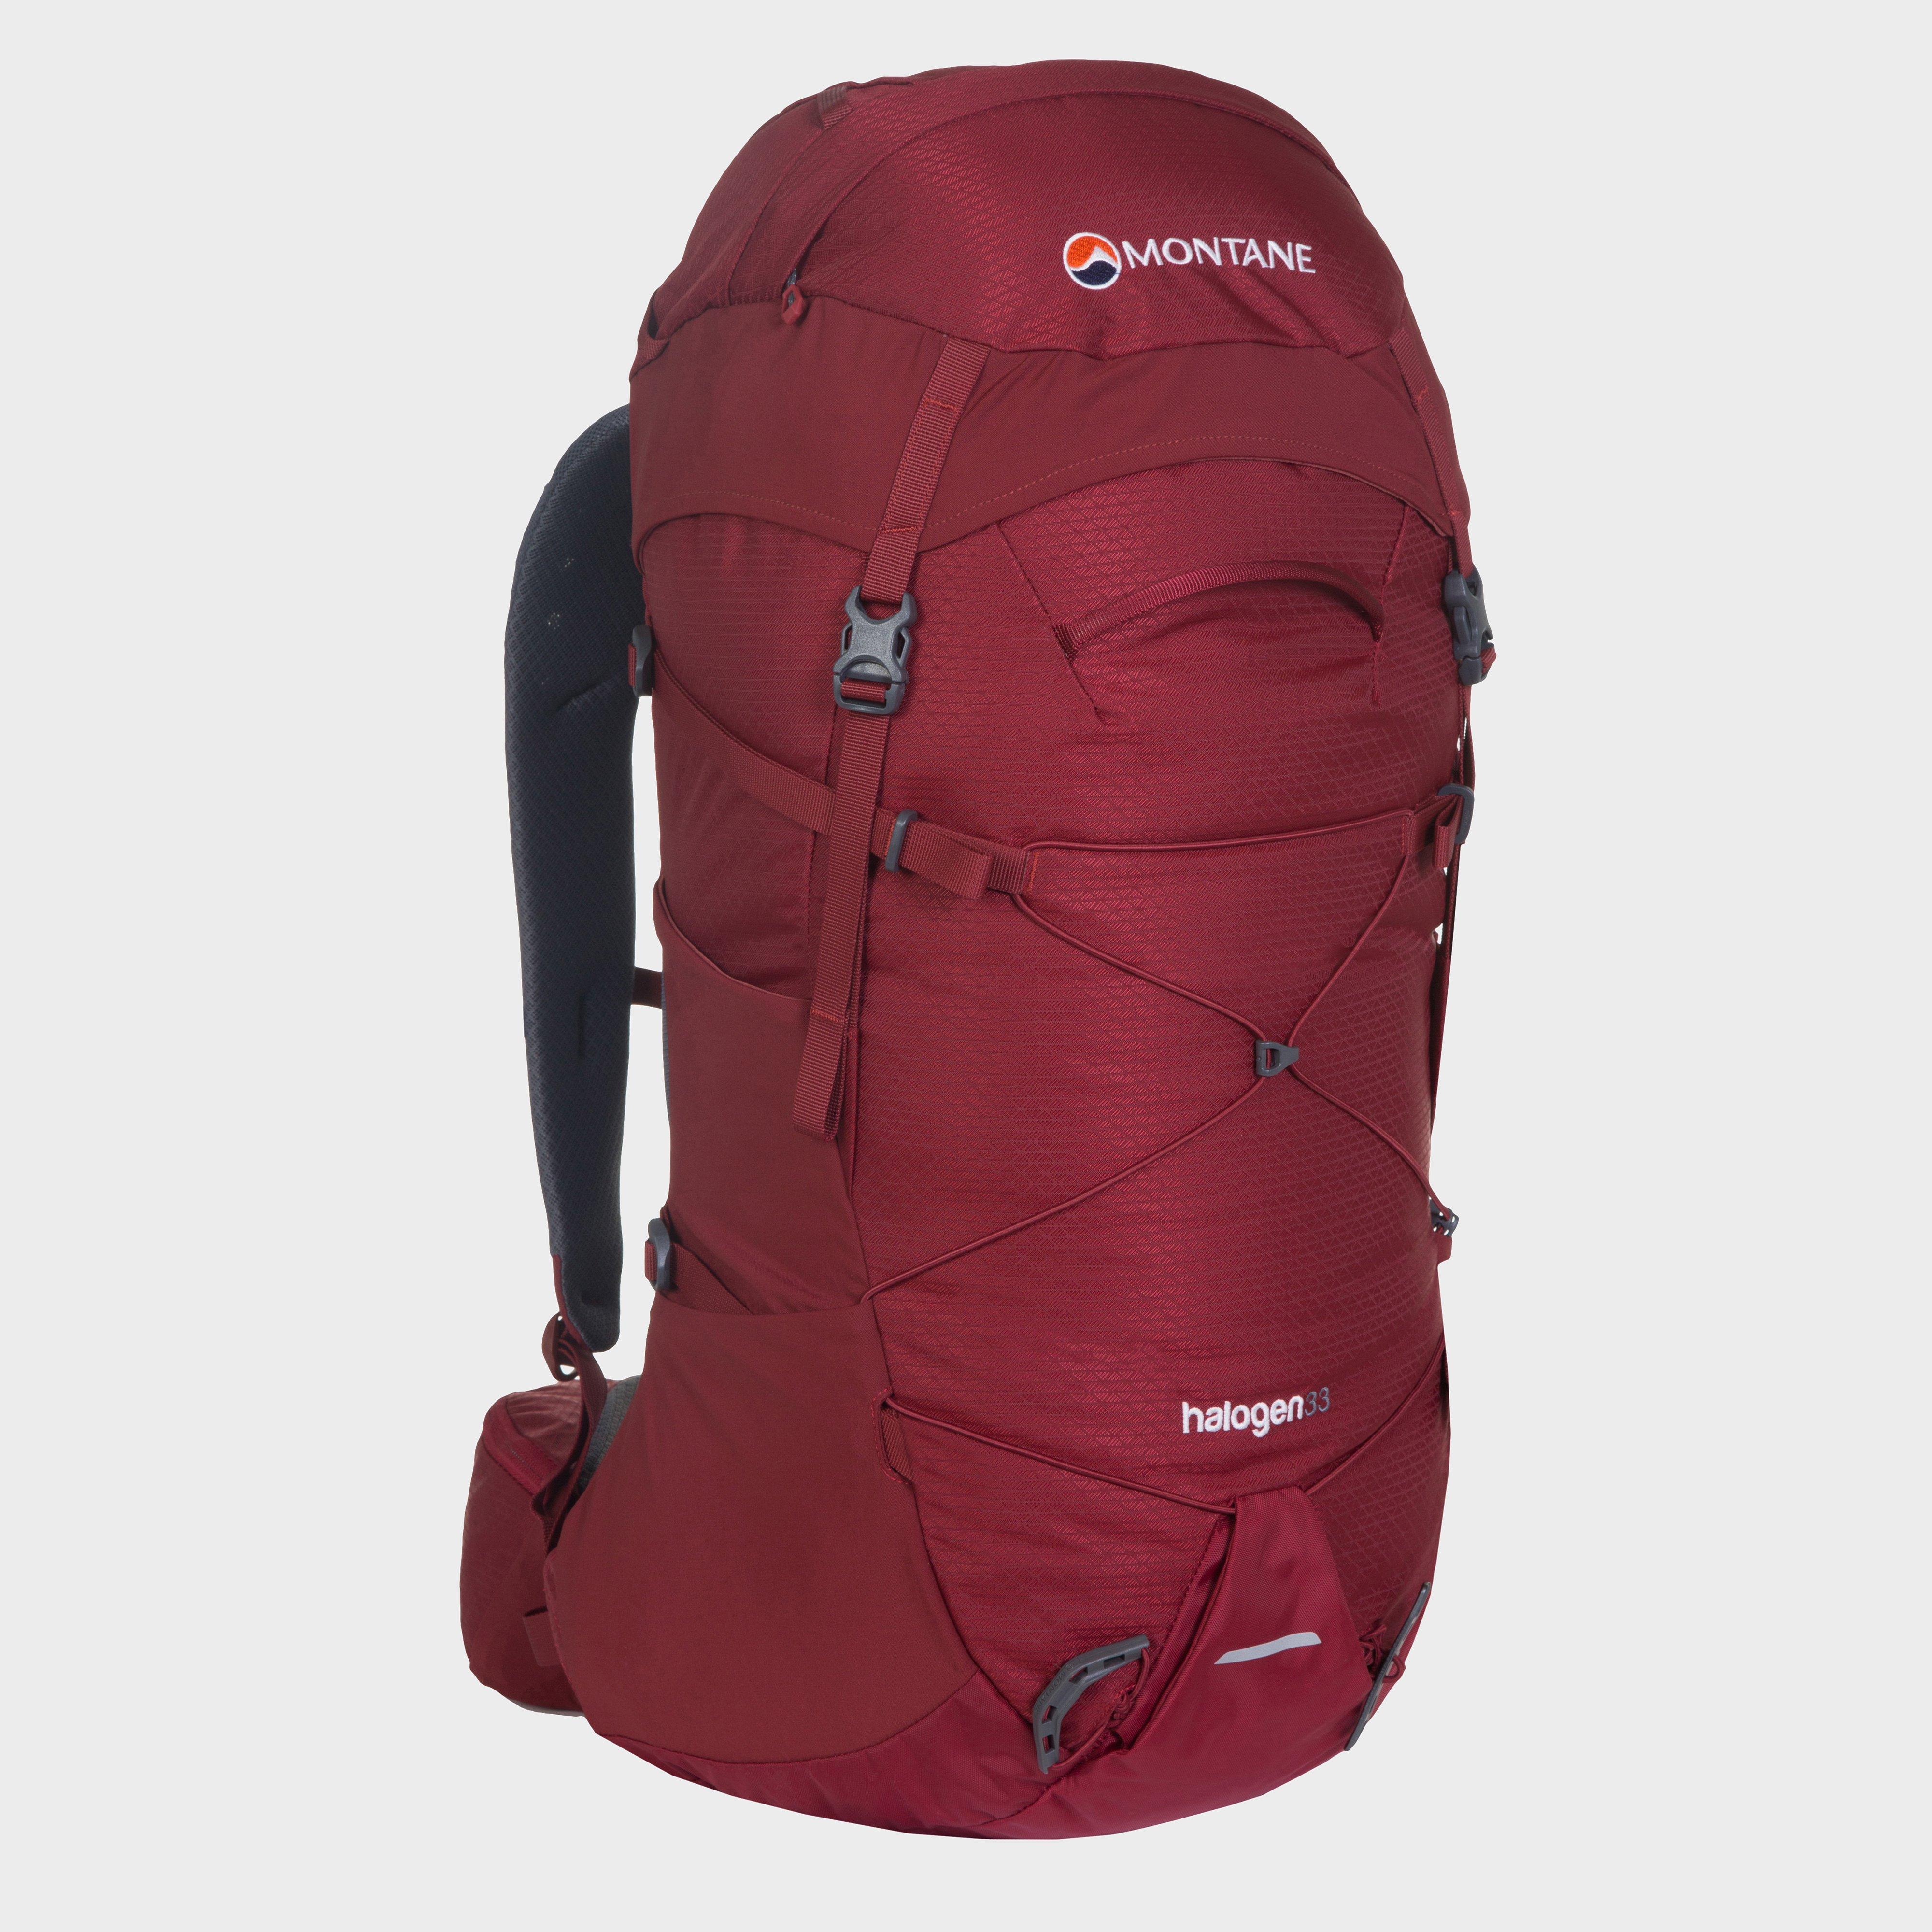 Montane Halogen 33 Daypack, Dark Red